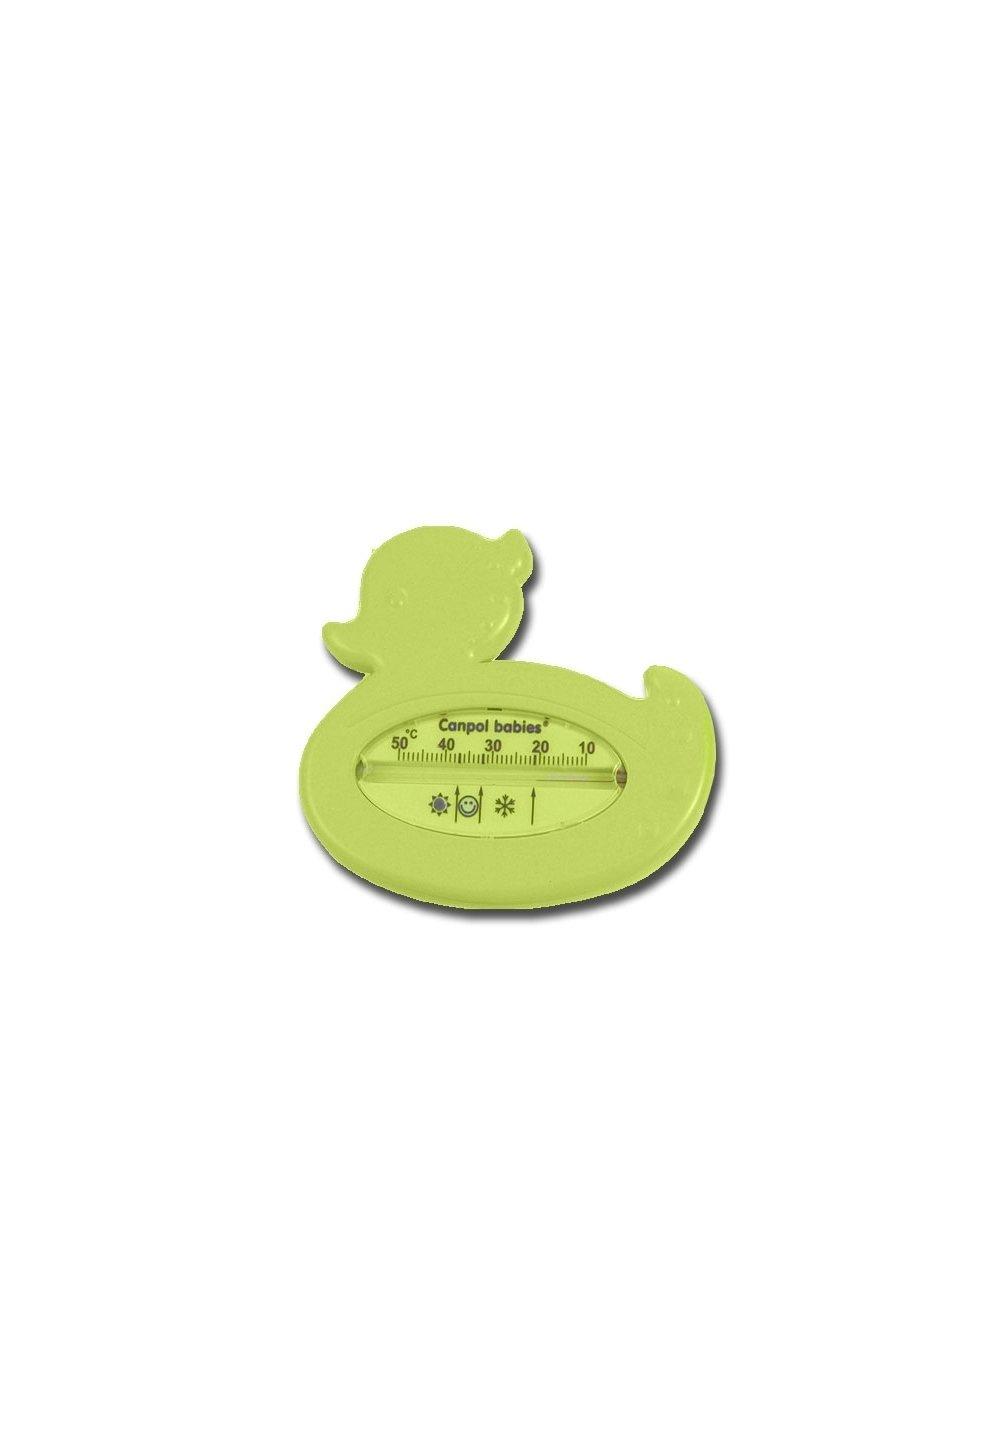 Termometru pentru baie, ratusca, verde deschis imagine